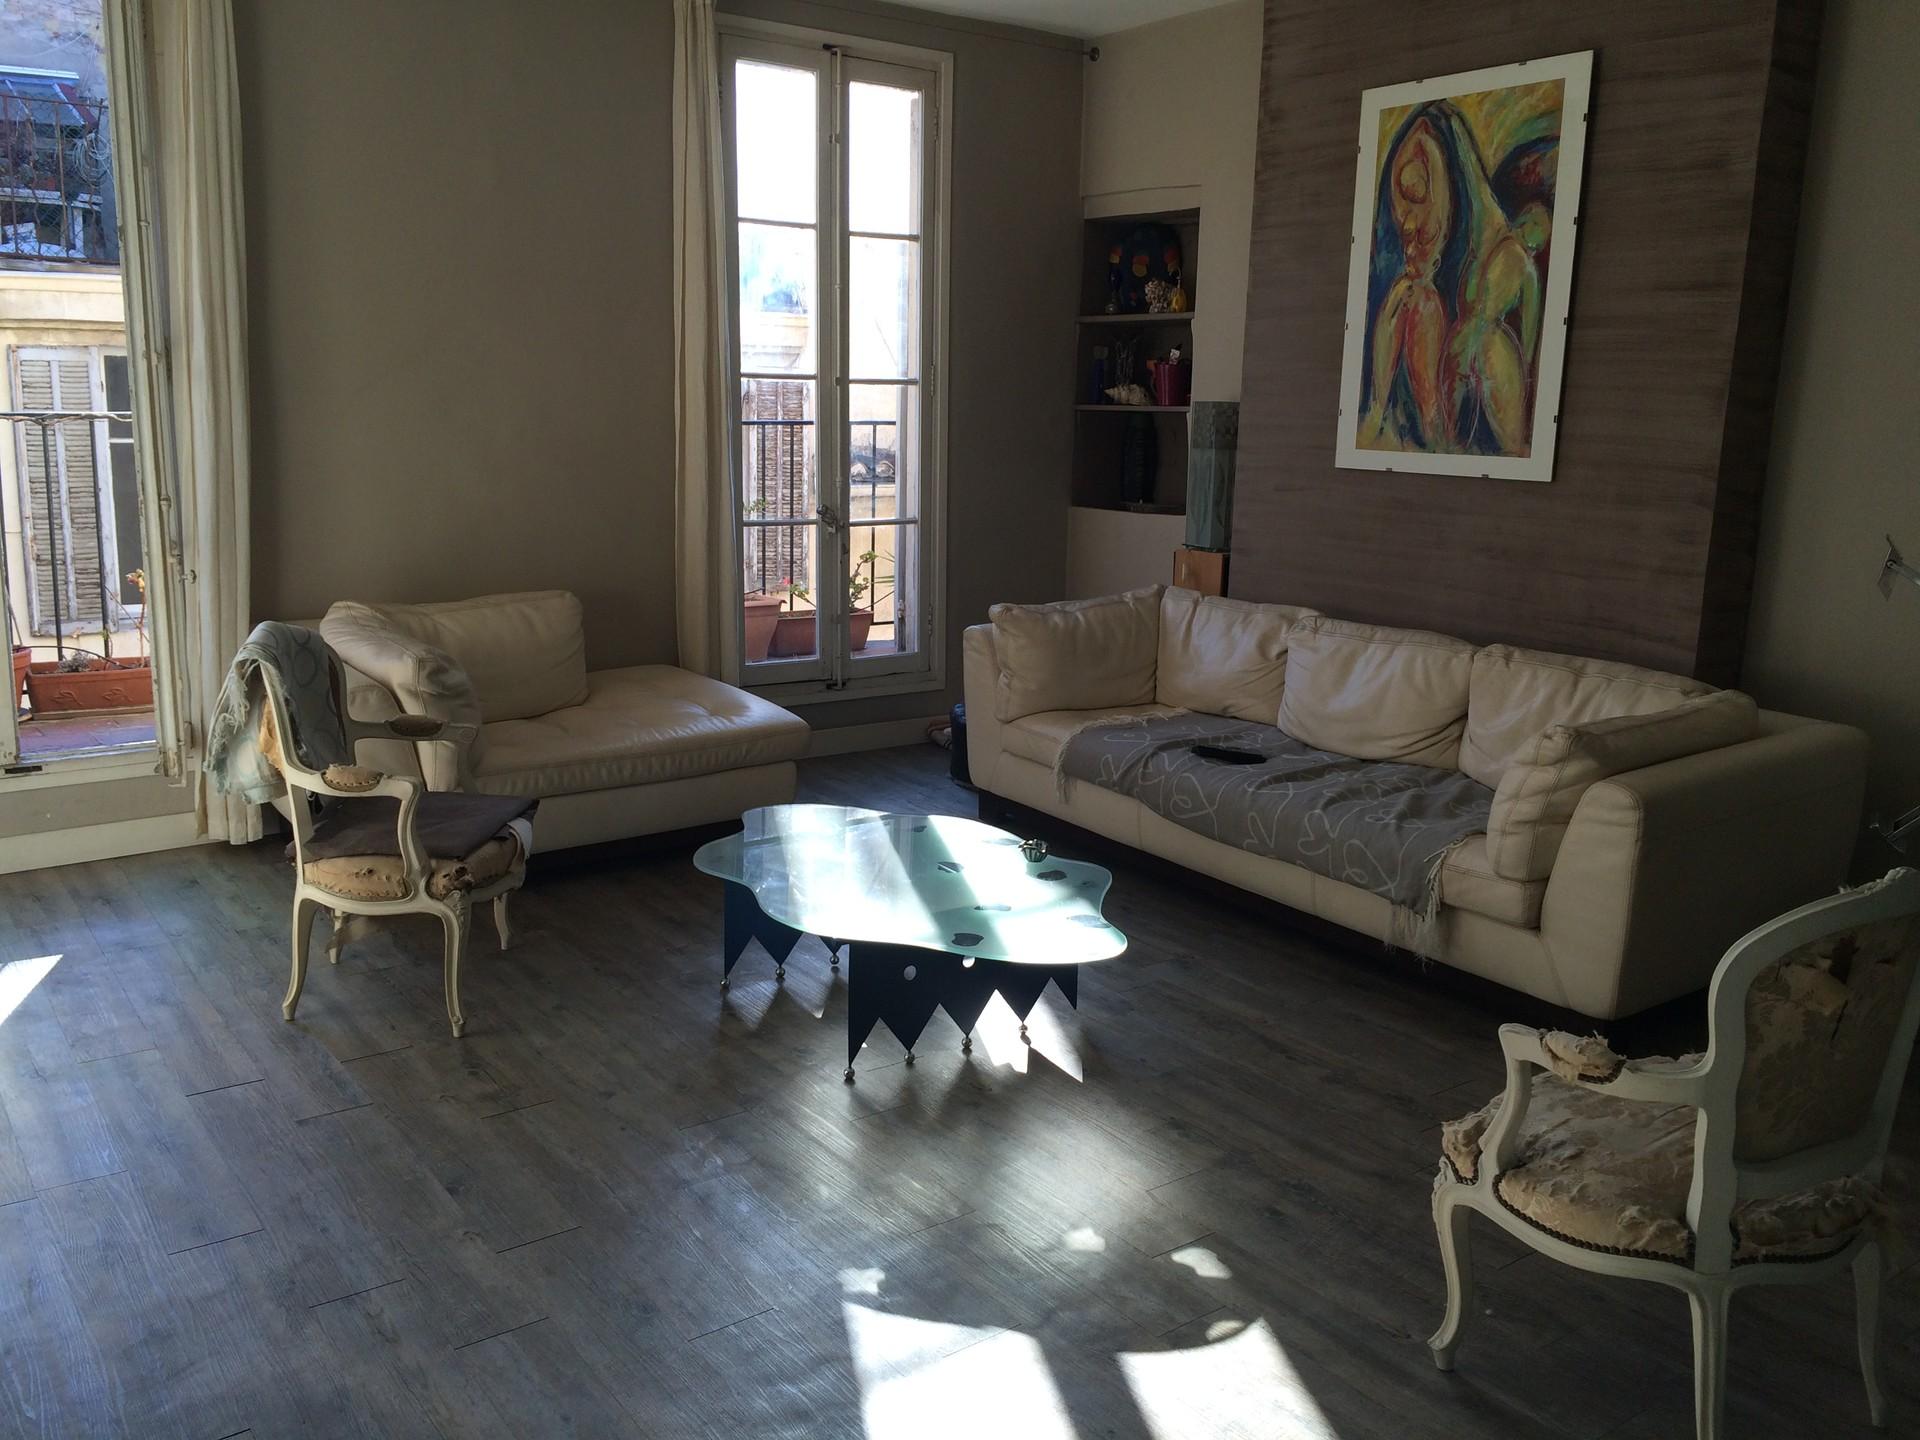 grand-appartement-lumineux-centre-de-marseille-dc3edc86099e9f0b2a711e1c5539c6c2